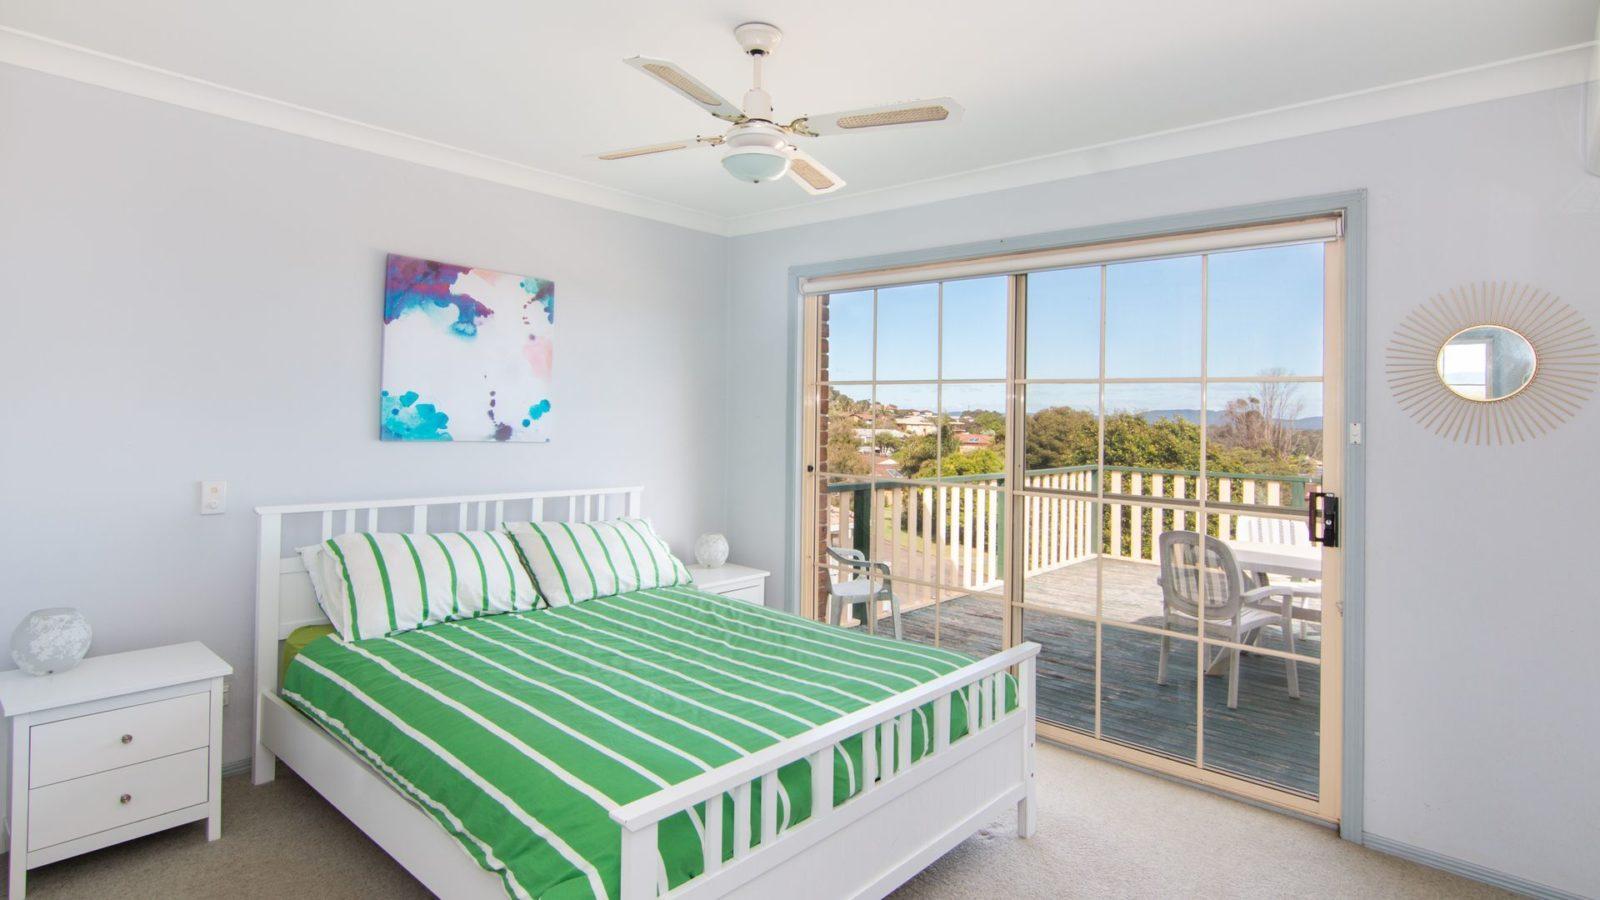 10 Minnibah Circuit main bedroom